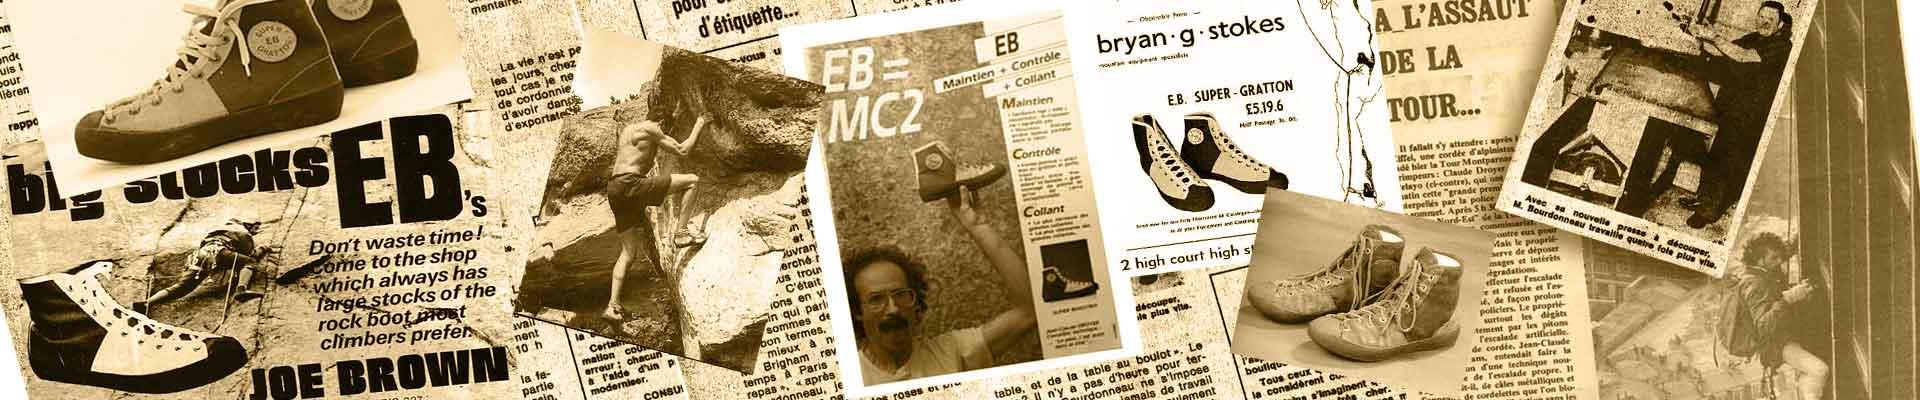 histoire chausson d'escalade EB: le premier de l'histoire de l'escalade